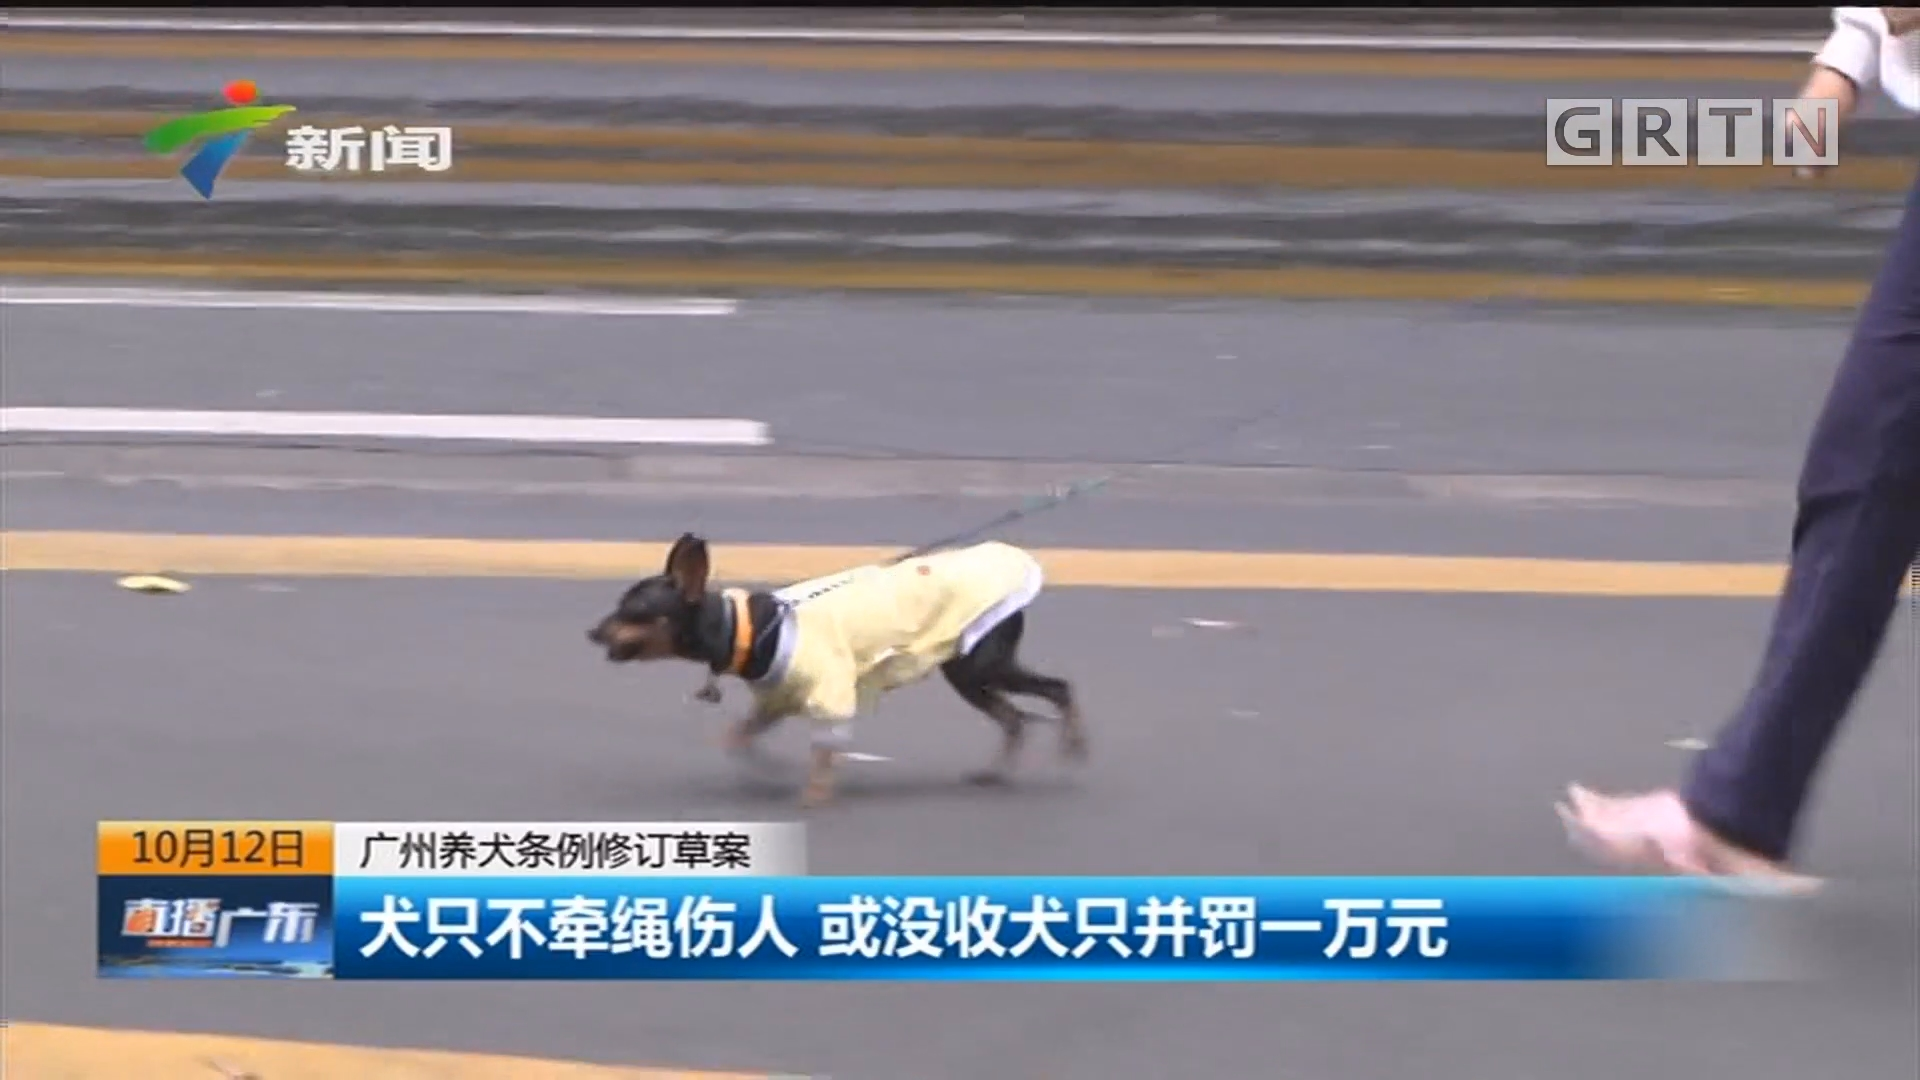 广州养犬条例修订草案:犬只不牵绳伤人 或没收犬只并罚一万元